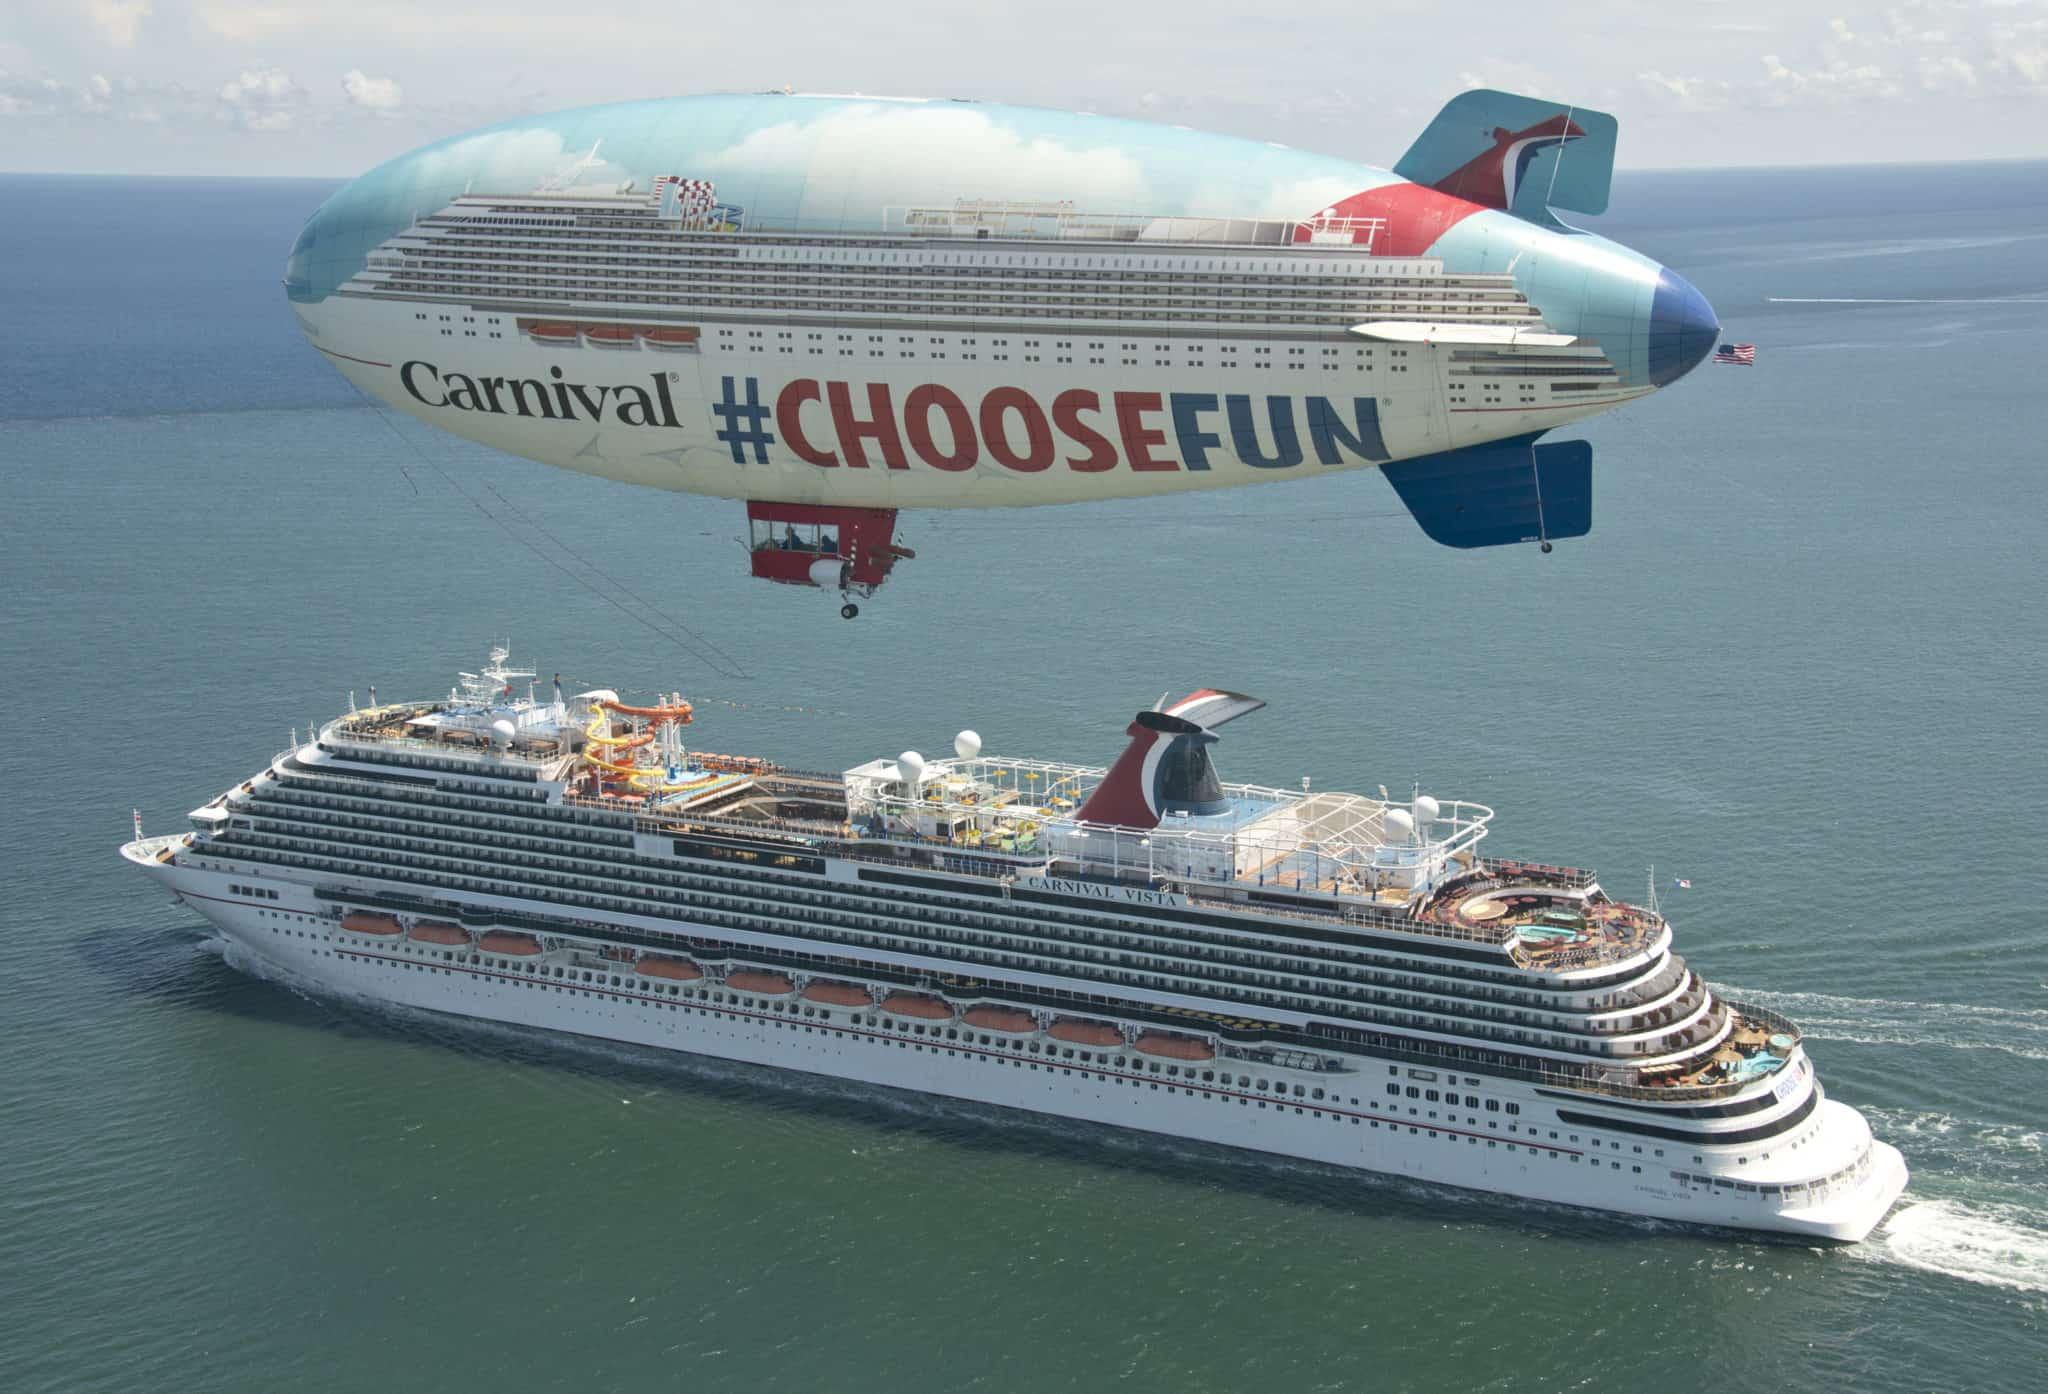 Carnival Cruise Line >> Carnival Cruise Line Announces New Blimp Tour